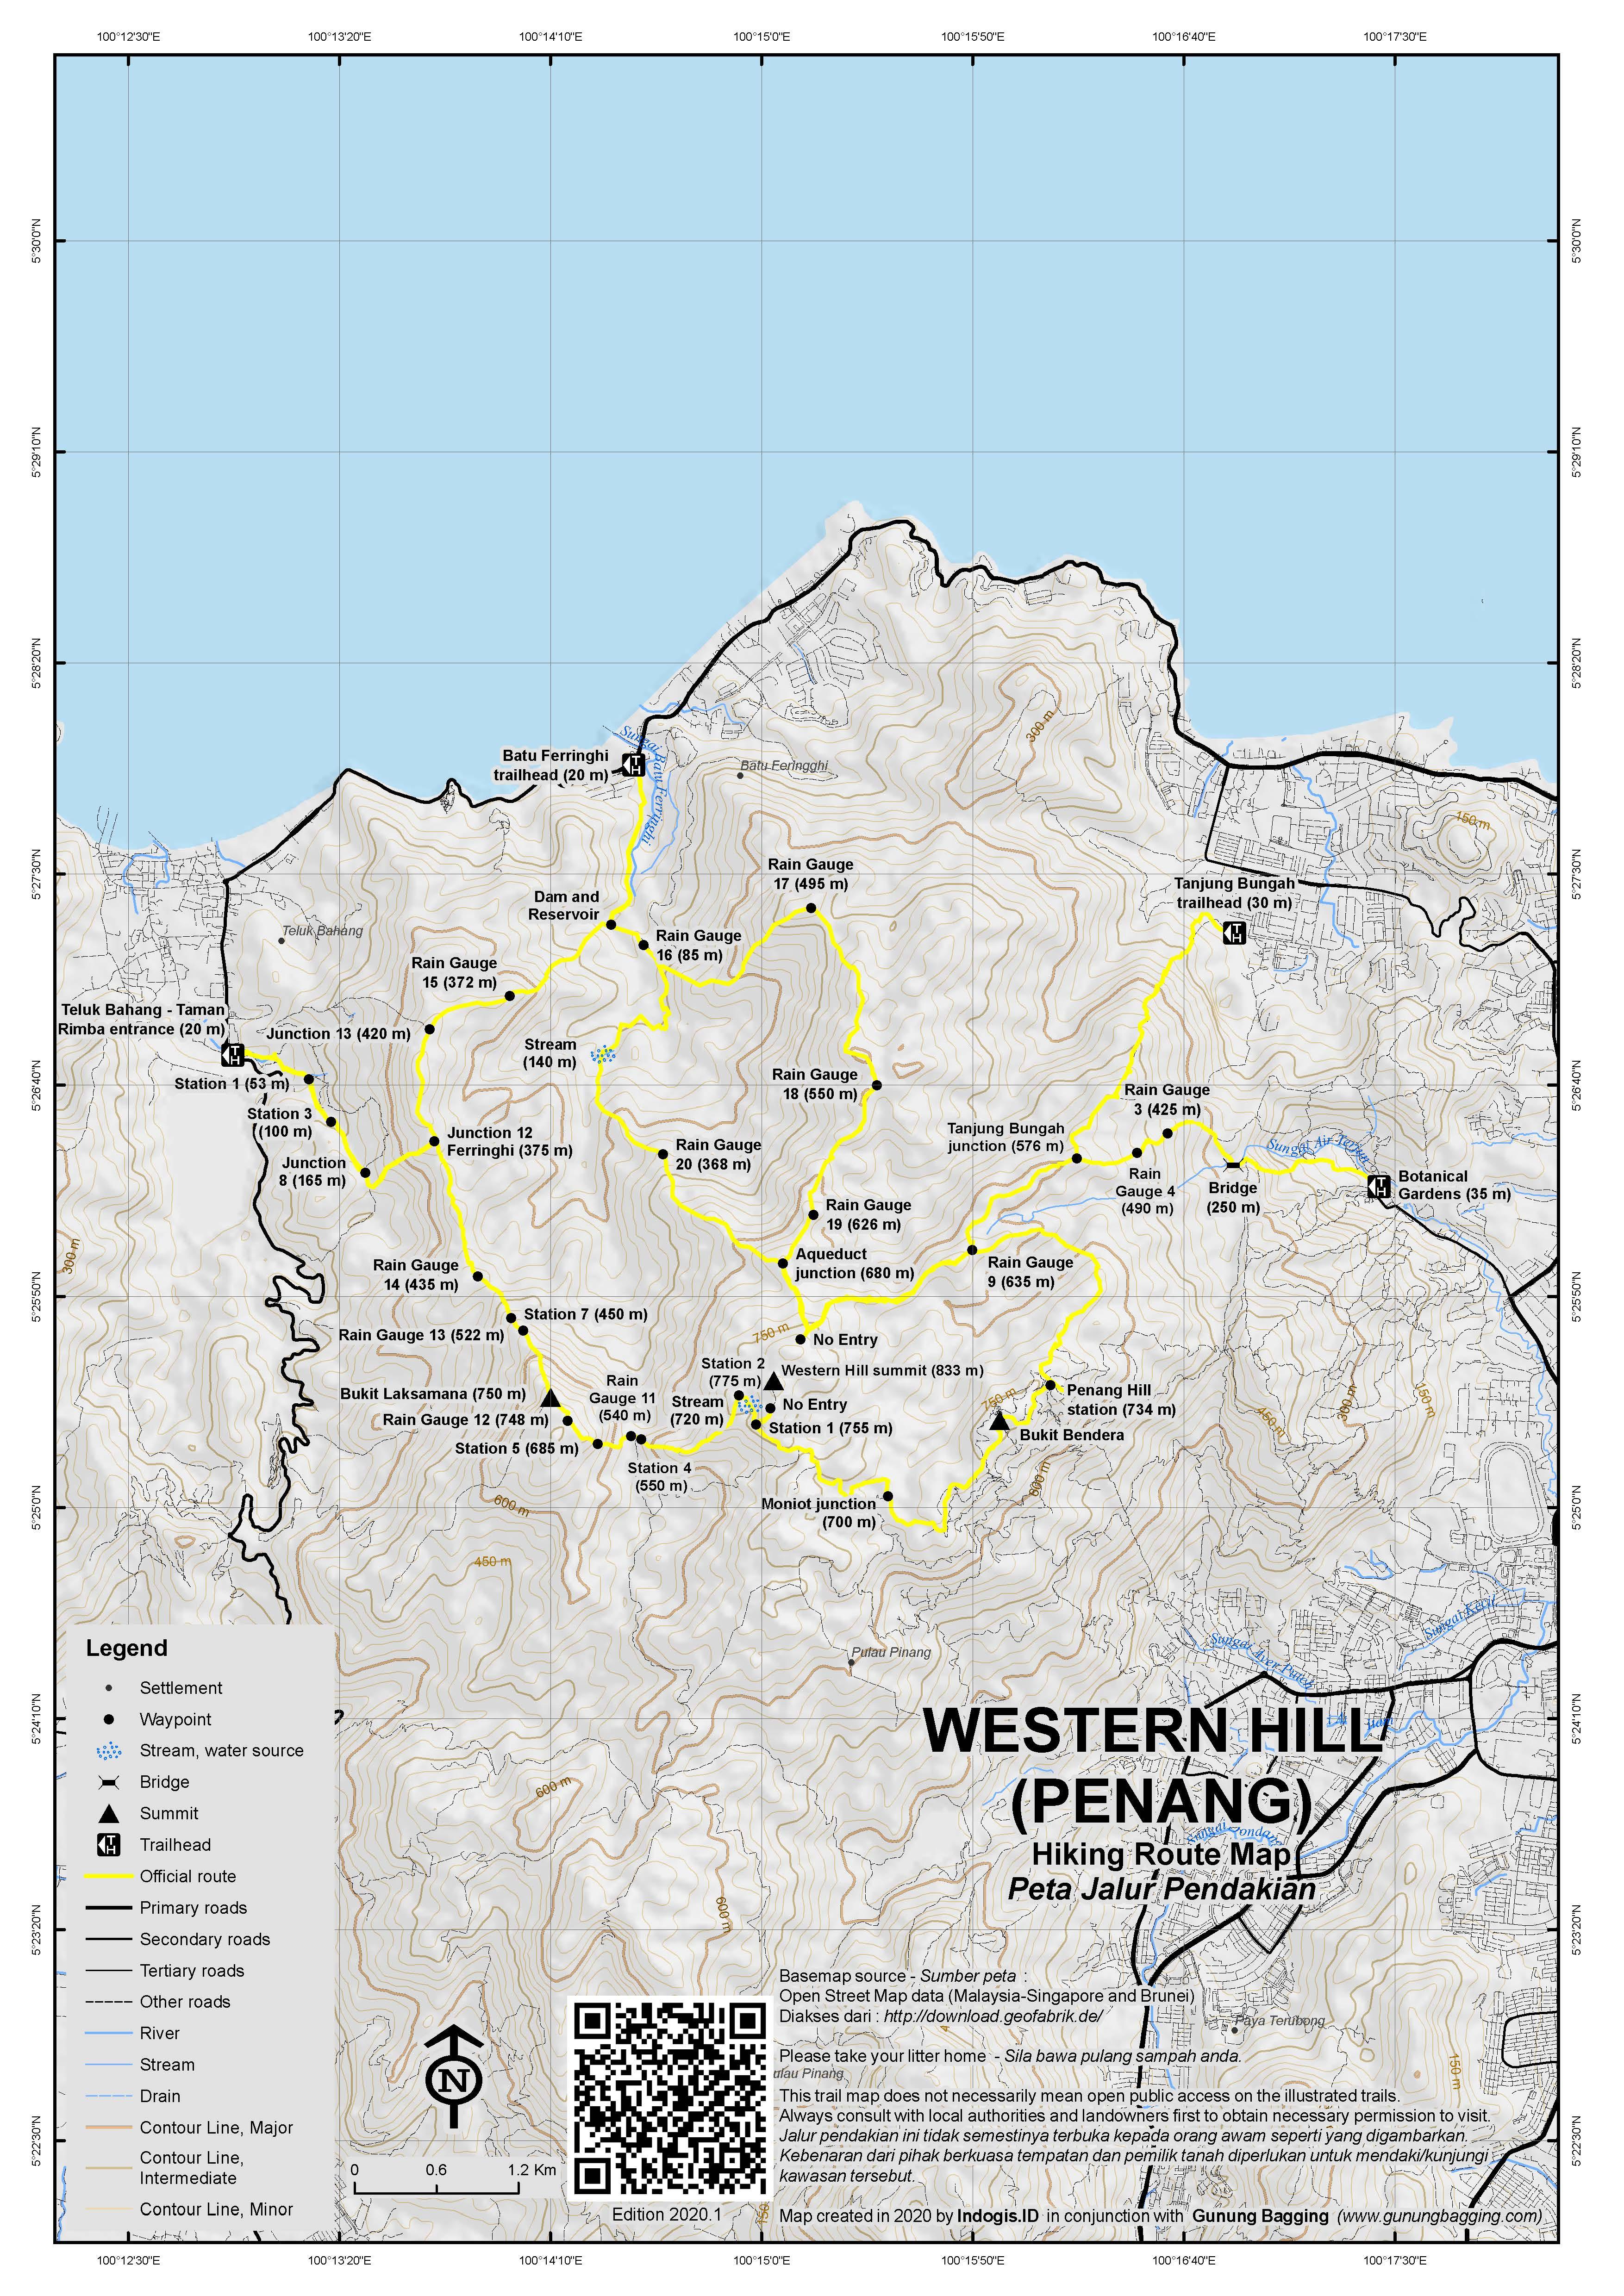 Peta Jalur Pendakian Western Hill (Penang)